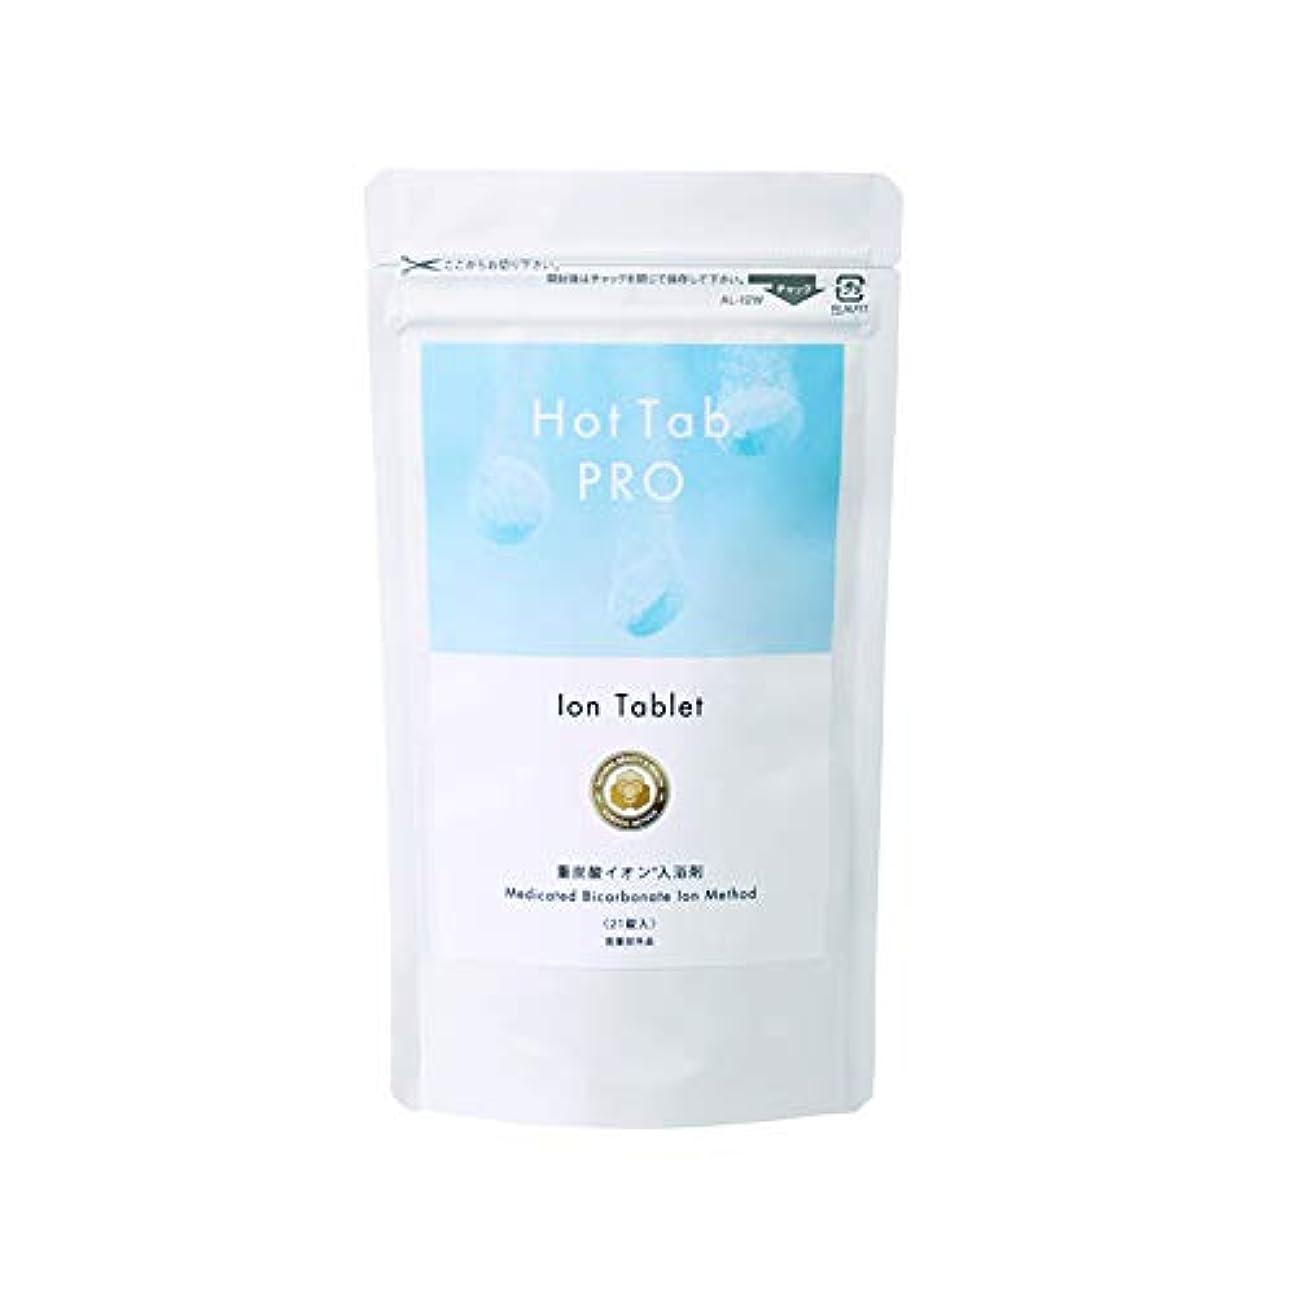 降ろすマルクス主義者許容最新型 日本製なめらか重炭酸入浴剤「ホットタブPro」(デリケートな肌でも安心 無香料 無着色 中性pH) (21錠セット)